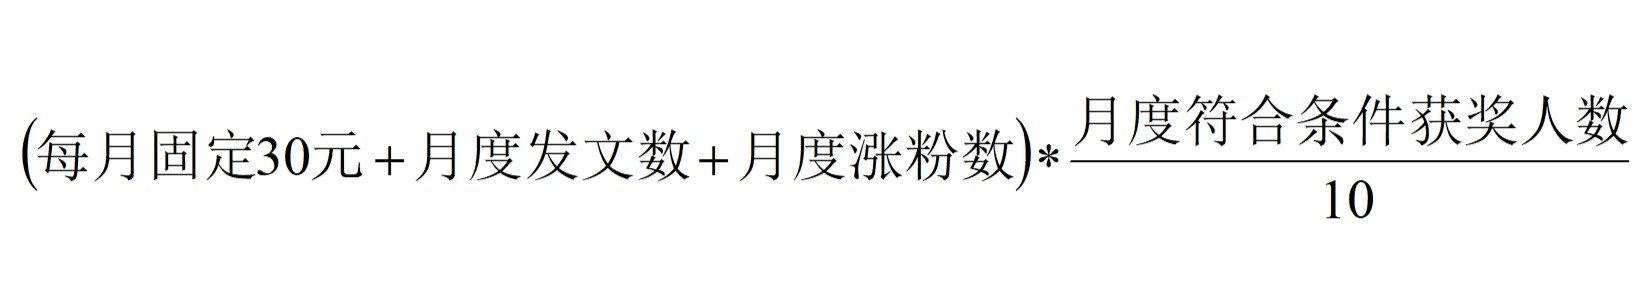 dprenvipshangjingongshi.jpg